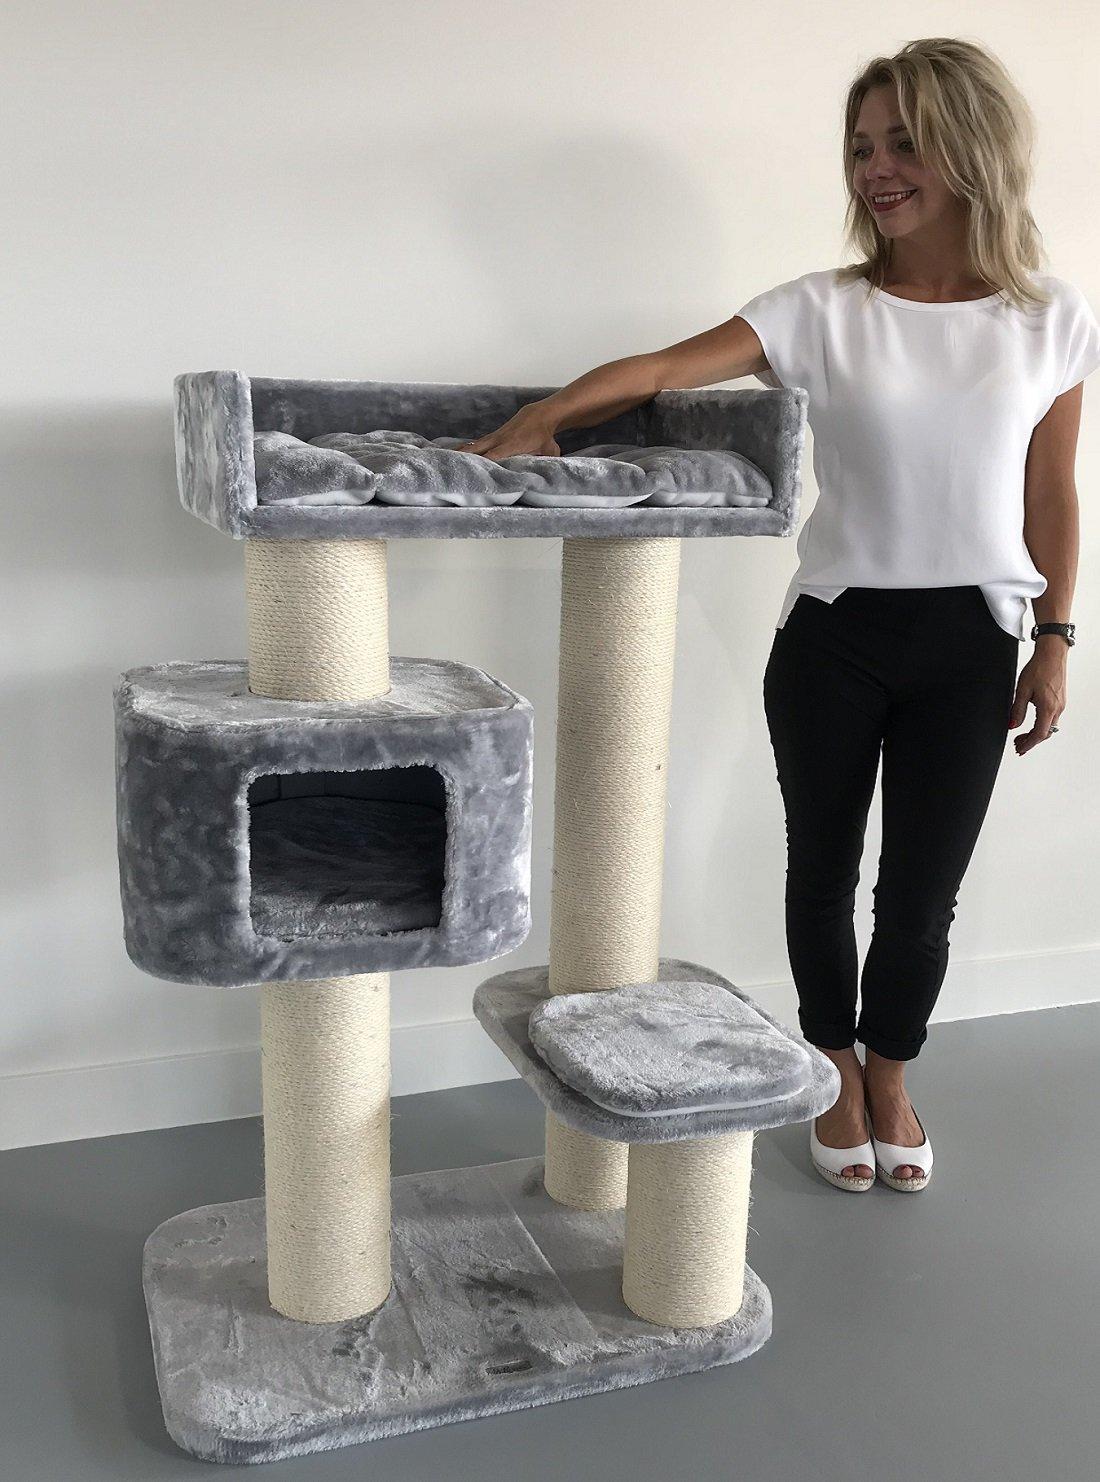 arbre chat g ant grand chat xxl devon rex gris clair. Black Bedroom Furniture Sets. Home Design Ideas